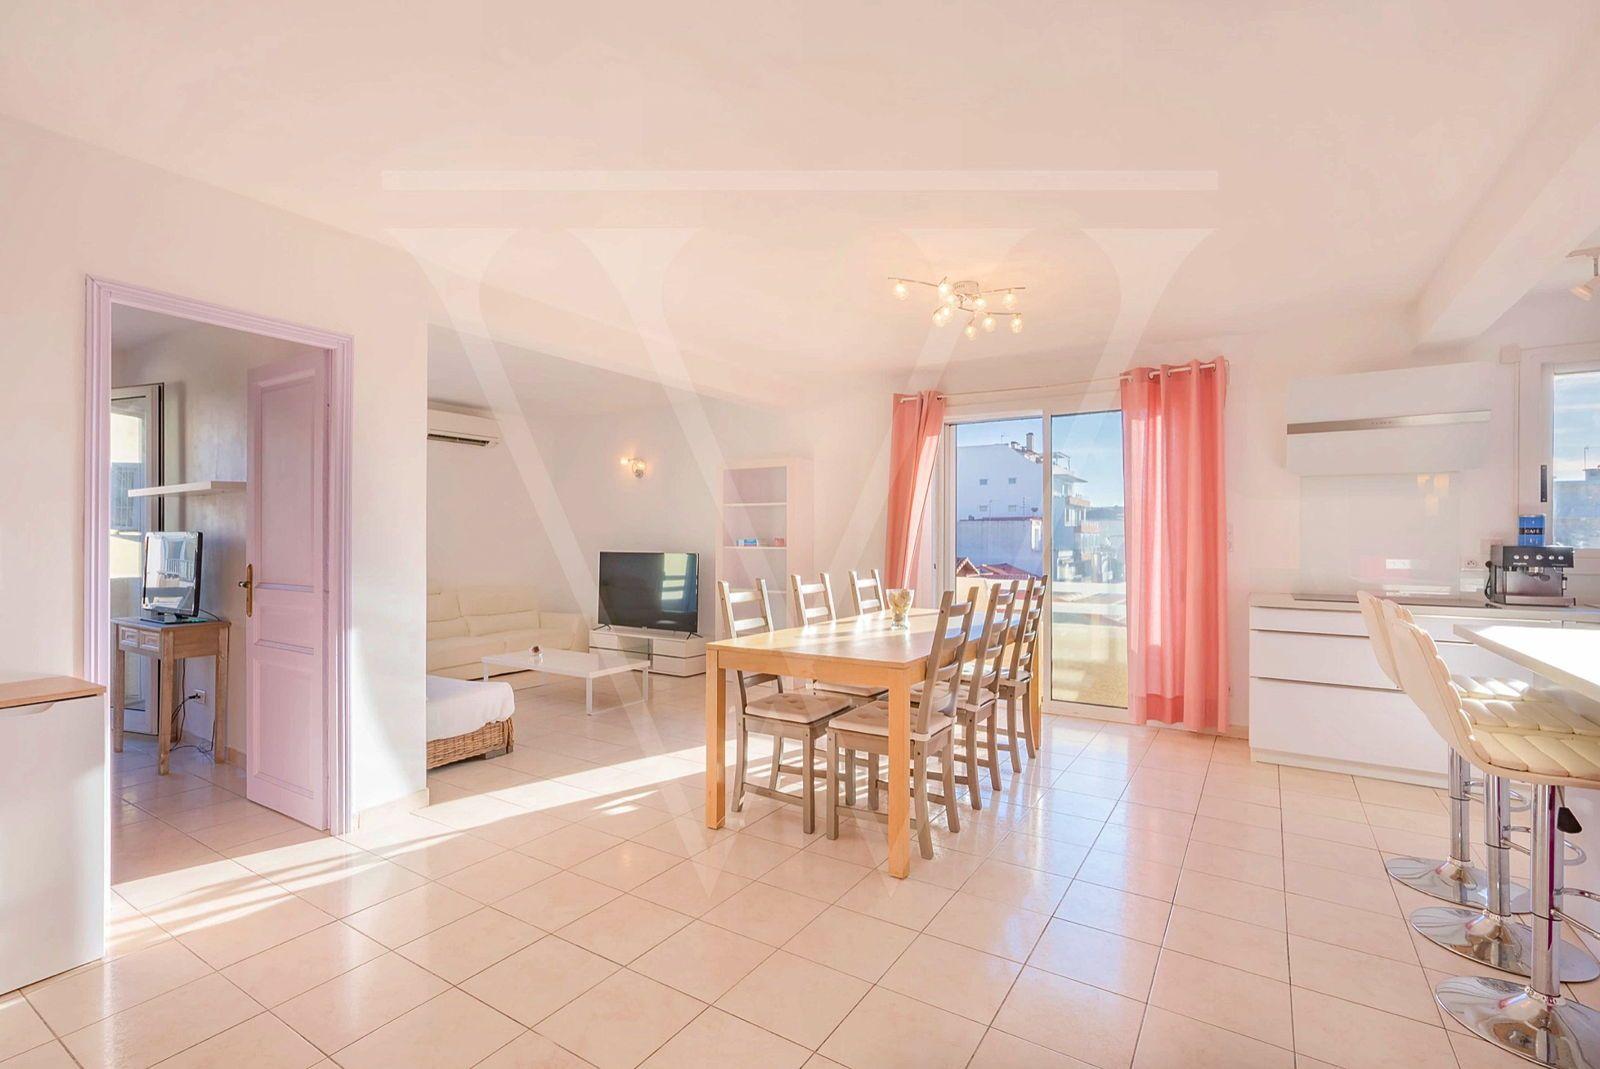 Vends Appartement Palavas 80m² 3chambres